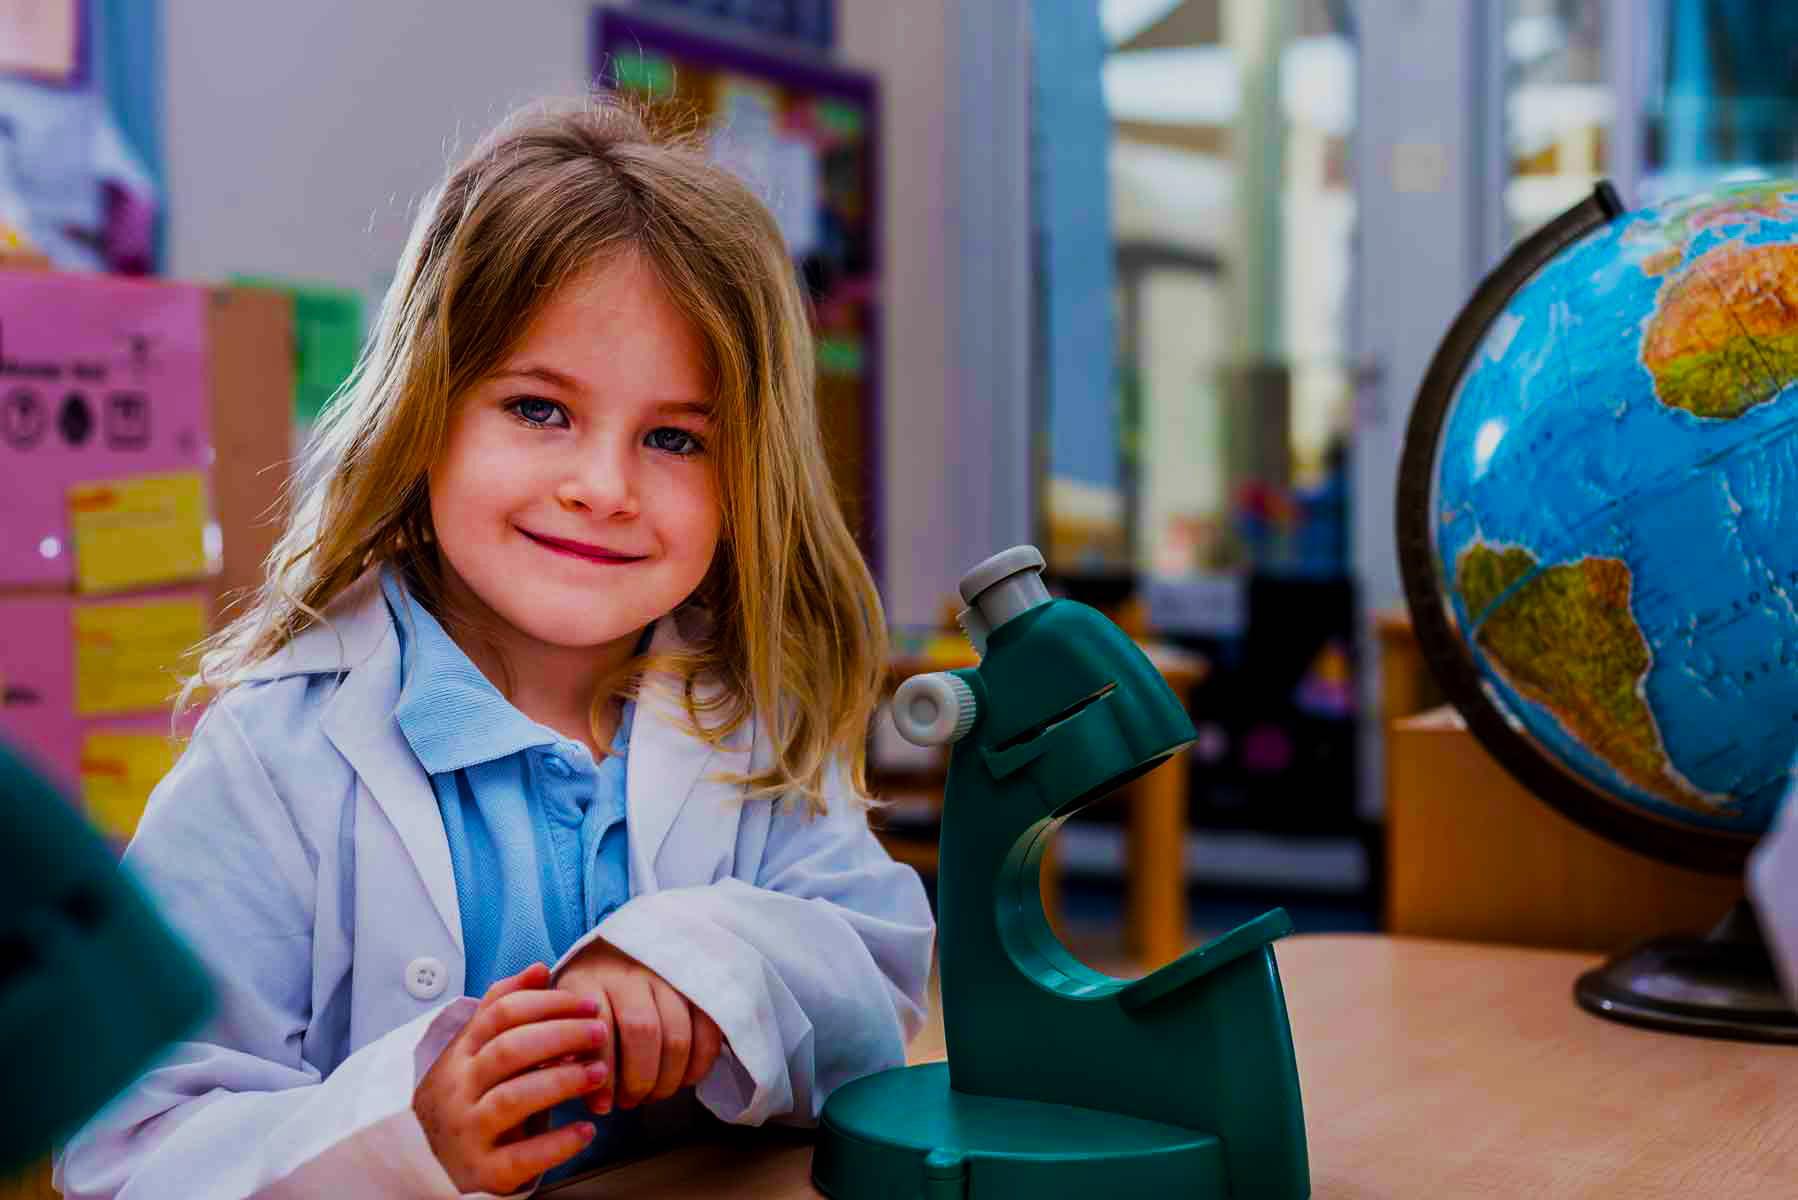 Larawan ng batang babae sa Uptown School sa mga lab na may mikroskopyo na mukhang masaya at inspirasyon